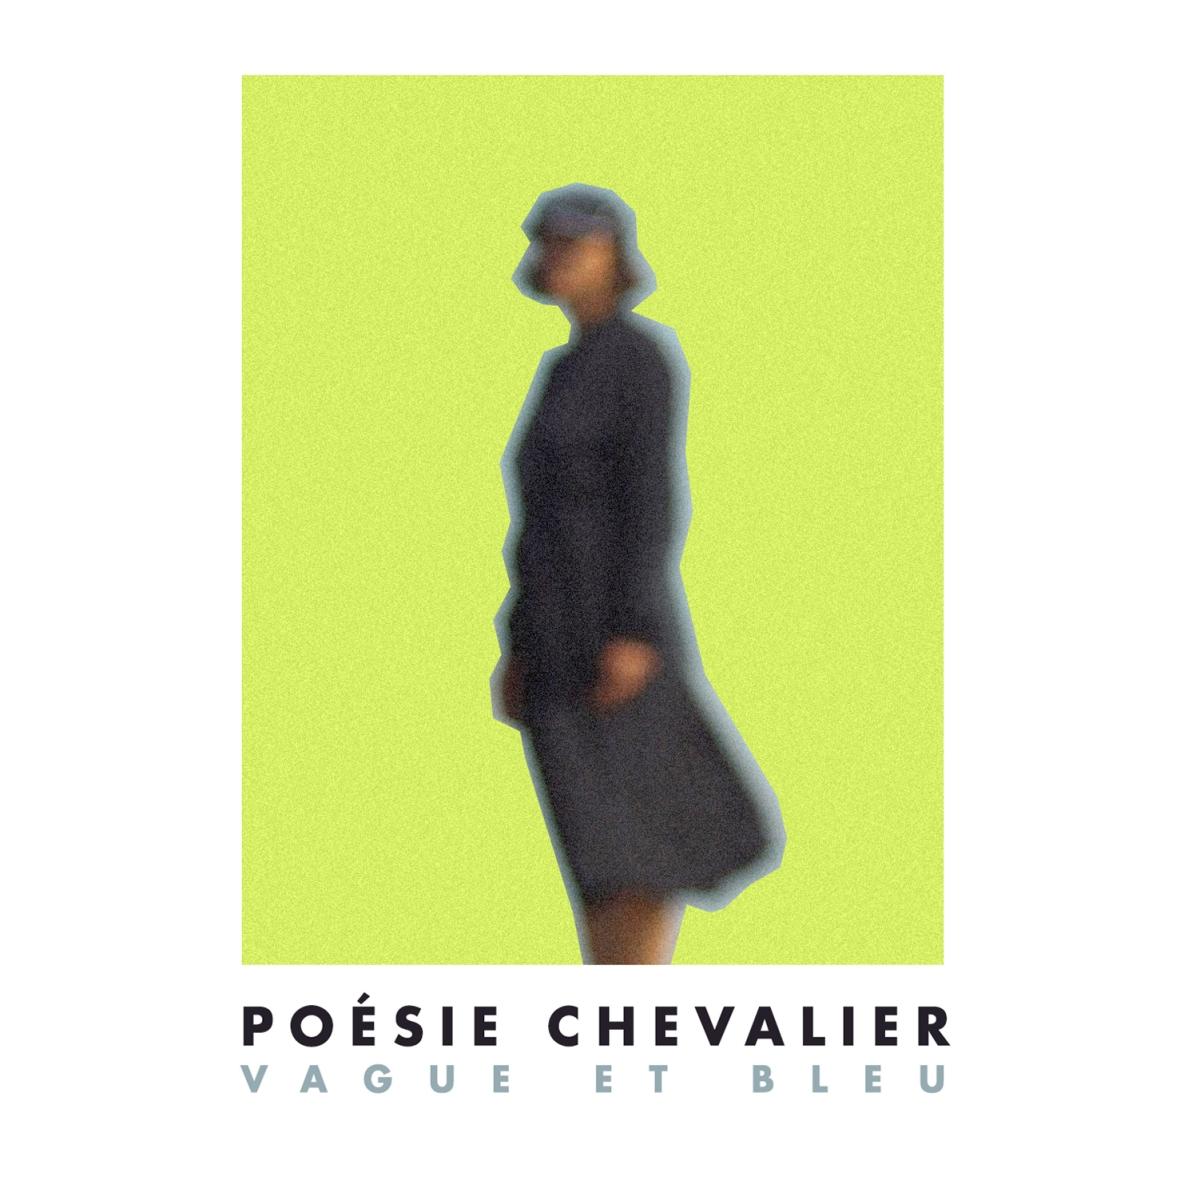 Poésie Chevalier - Appelez-moi Poésie